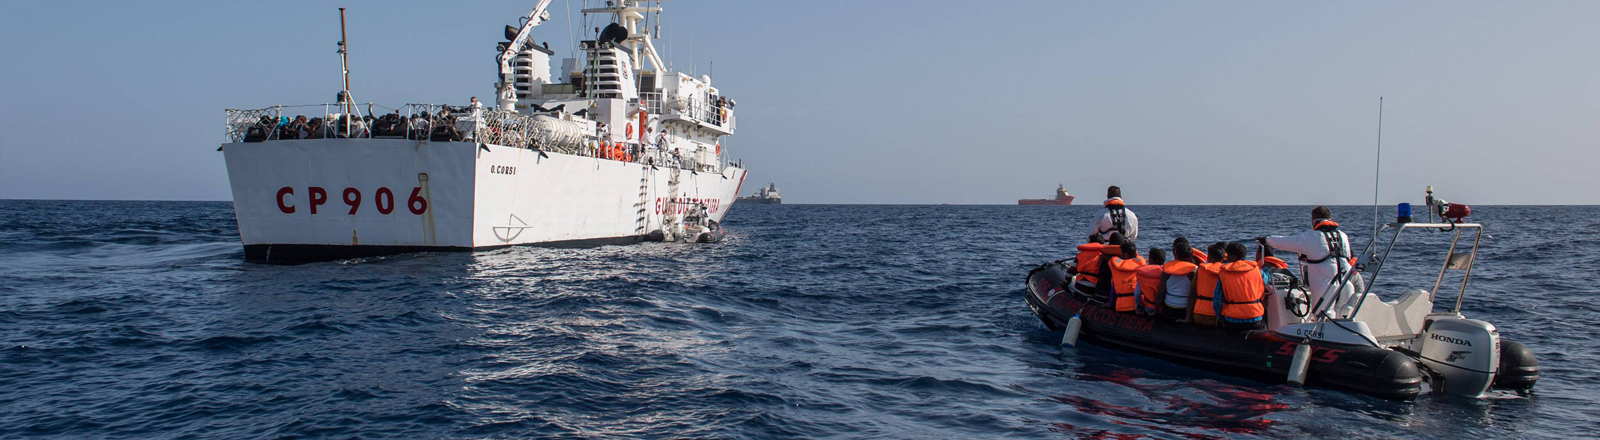 Die Sea-Watch 2 vor der lybischen Küste